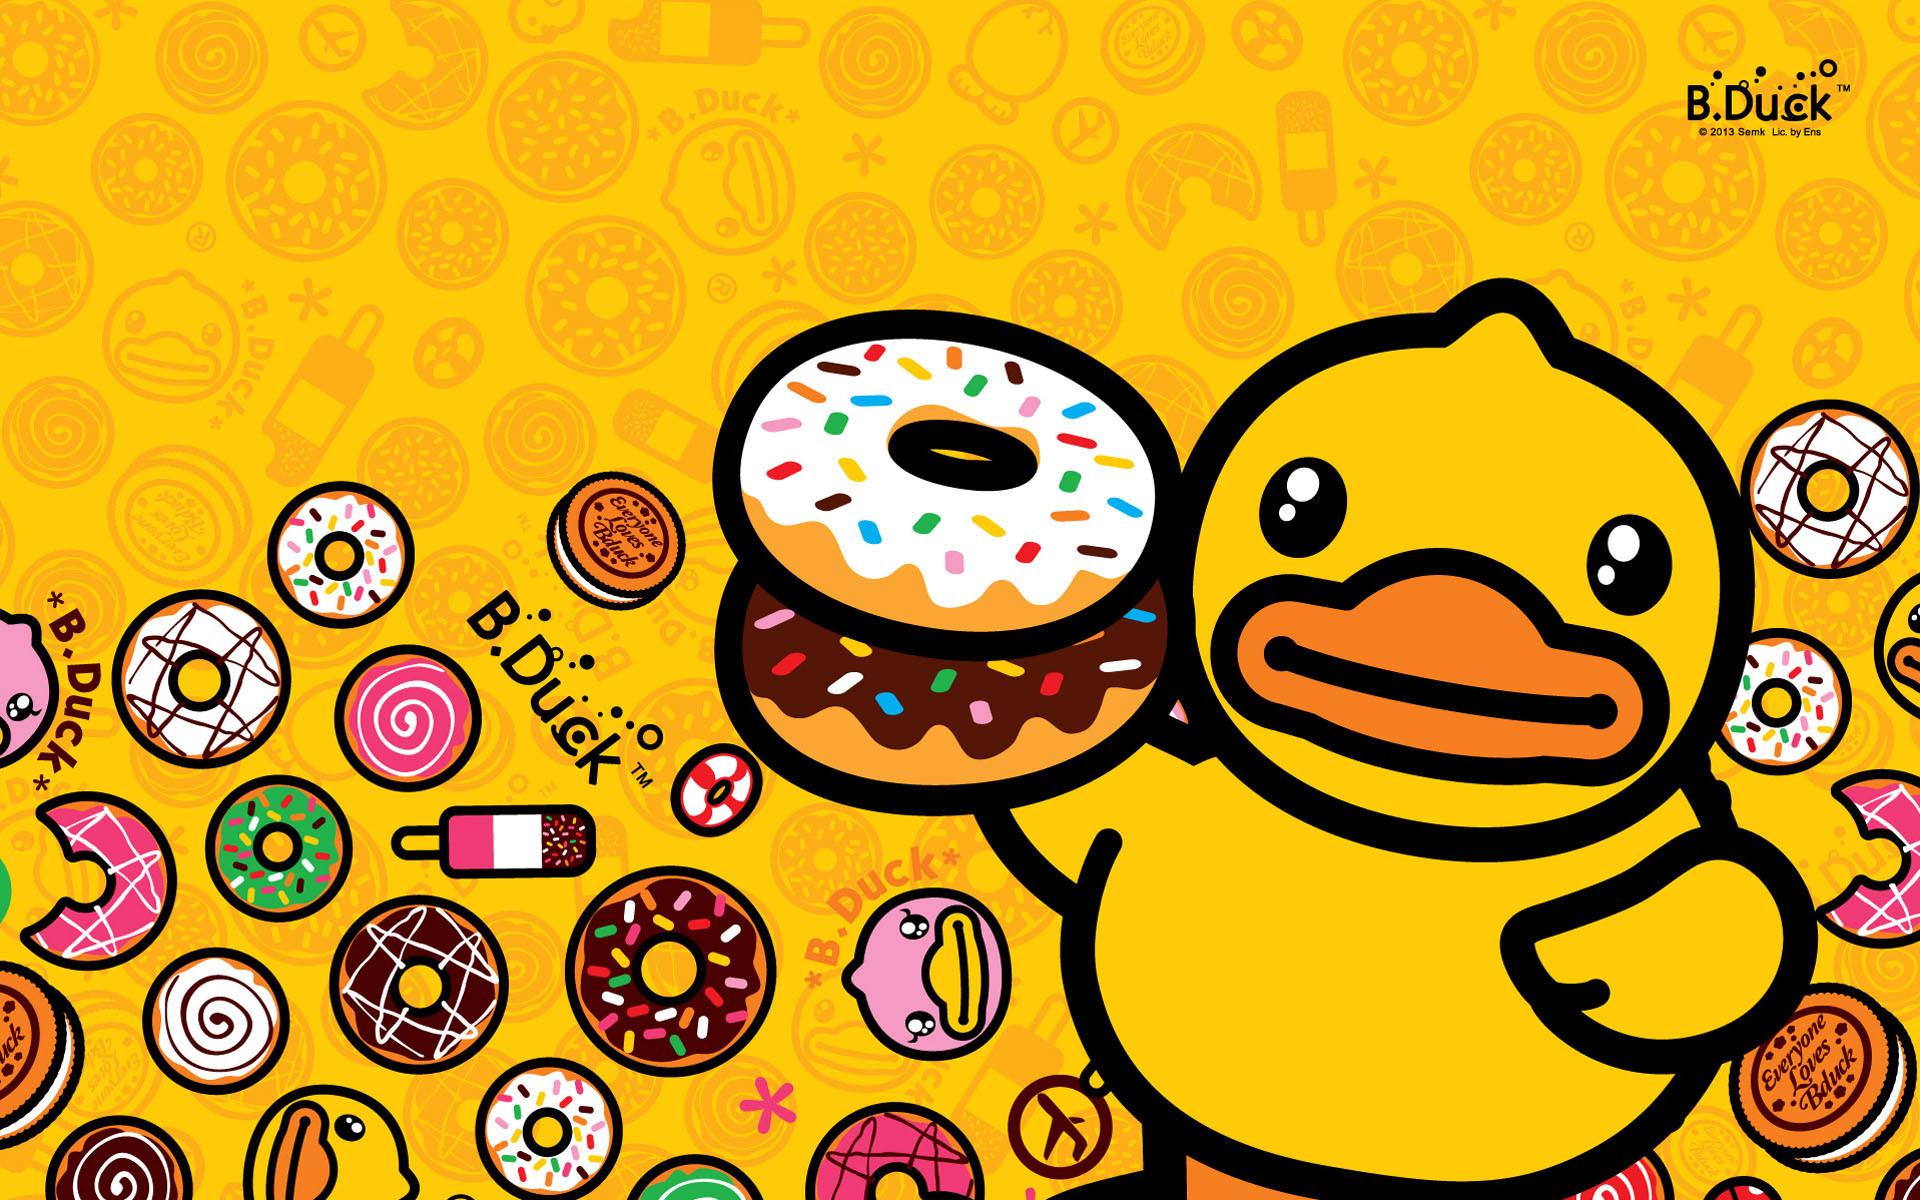 B DUCK B Duck Wallpaper